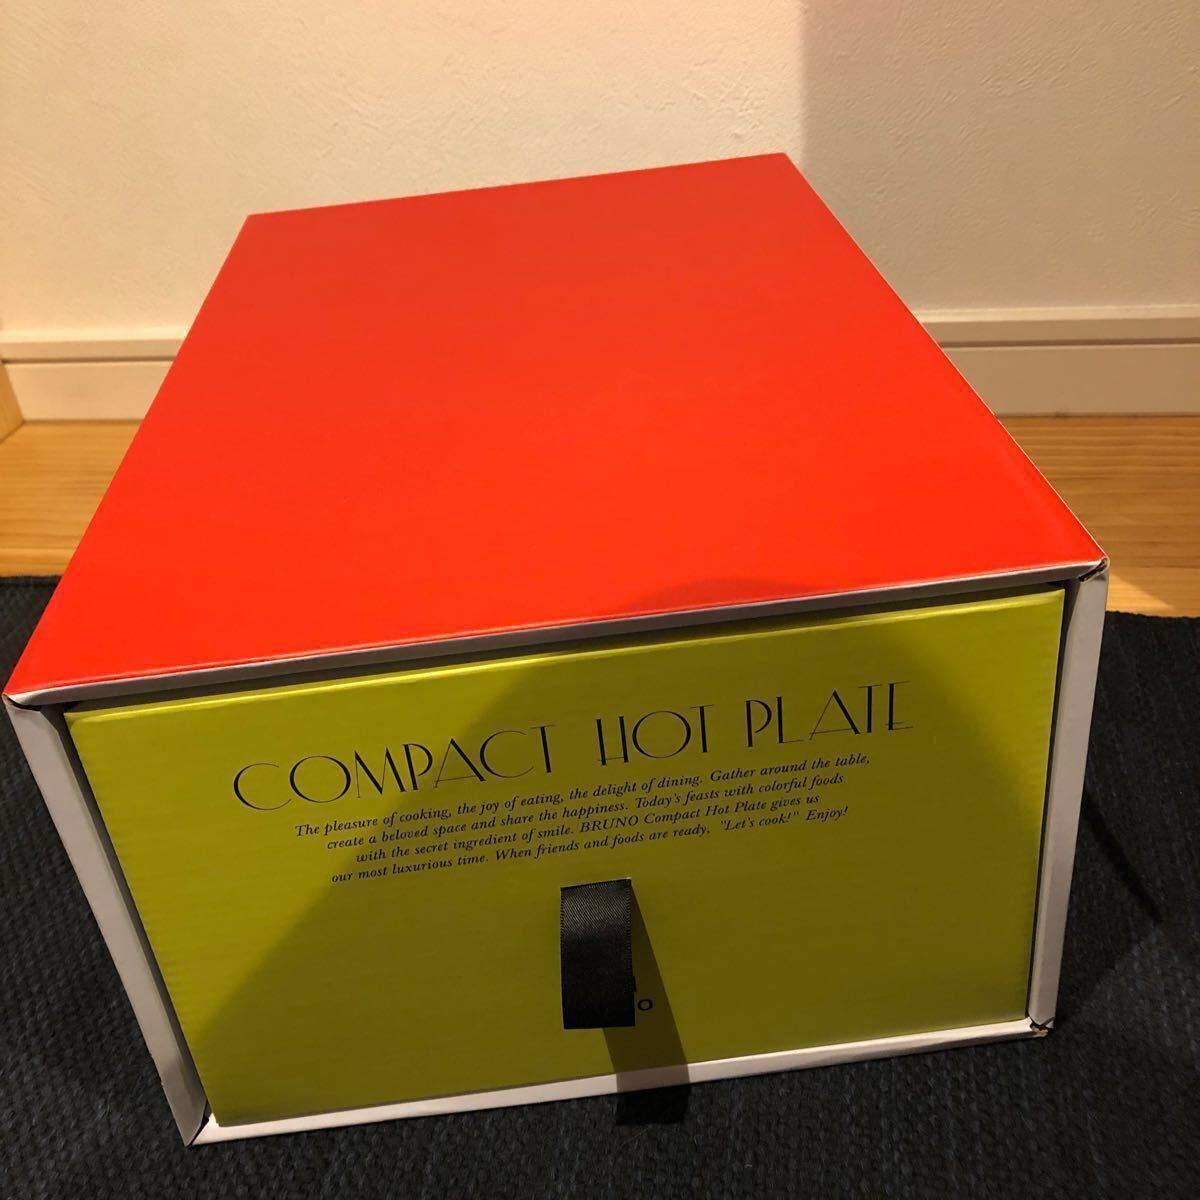 新品未使用☆ BRUNO ブルーノ コンパクトホットプレート ホットプレート レッド BOE021-RD 赤 ランチボックス 5個